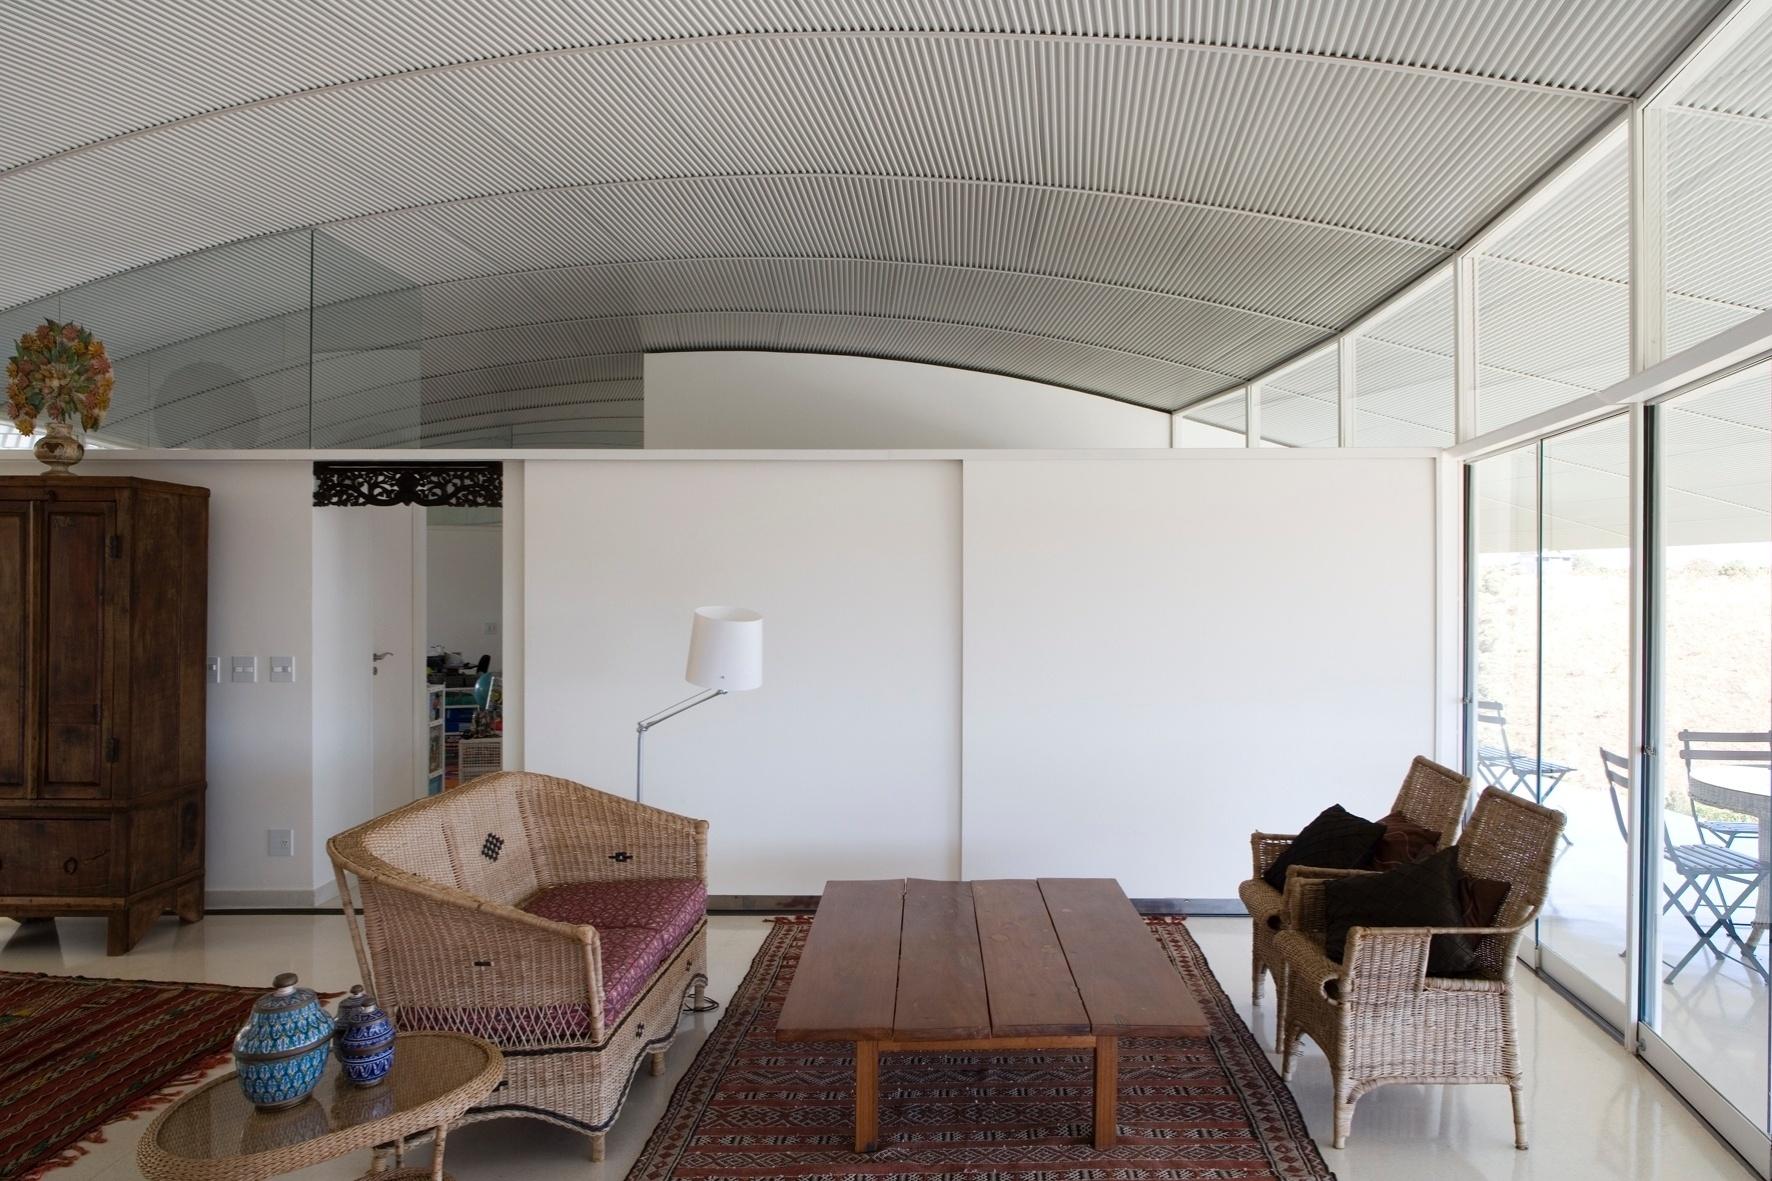 A decoração da sala de estar da casa RP, em Brasília (DF), é simples: tem base branca, piso claro e mobília que reúne madeira, fibras e tramas manuais (nos tapetes avermelhados). O projeto de arquitetura é assinado por João Filgueiras Lima, o Lelé